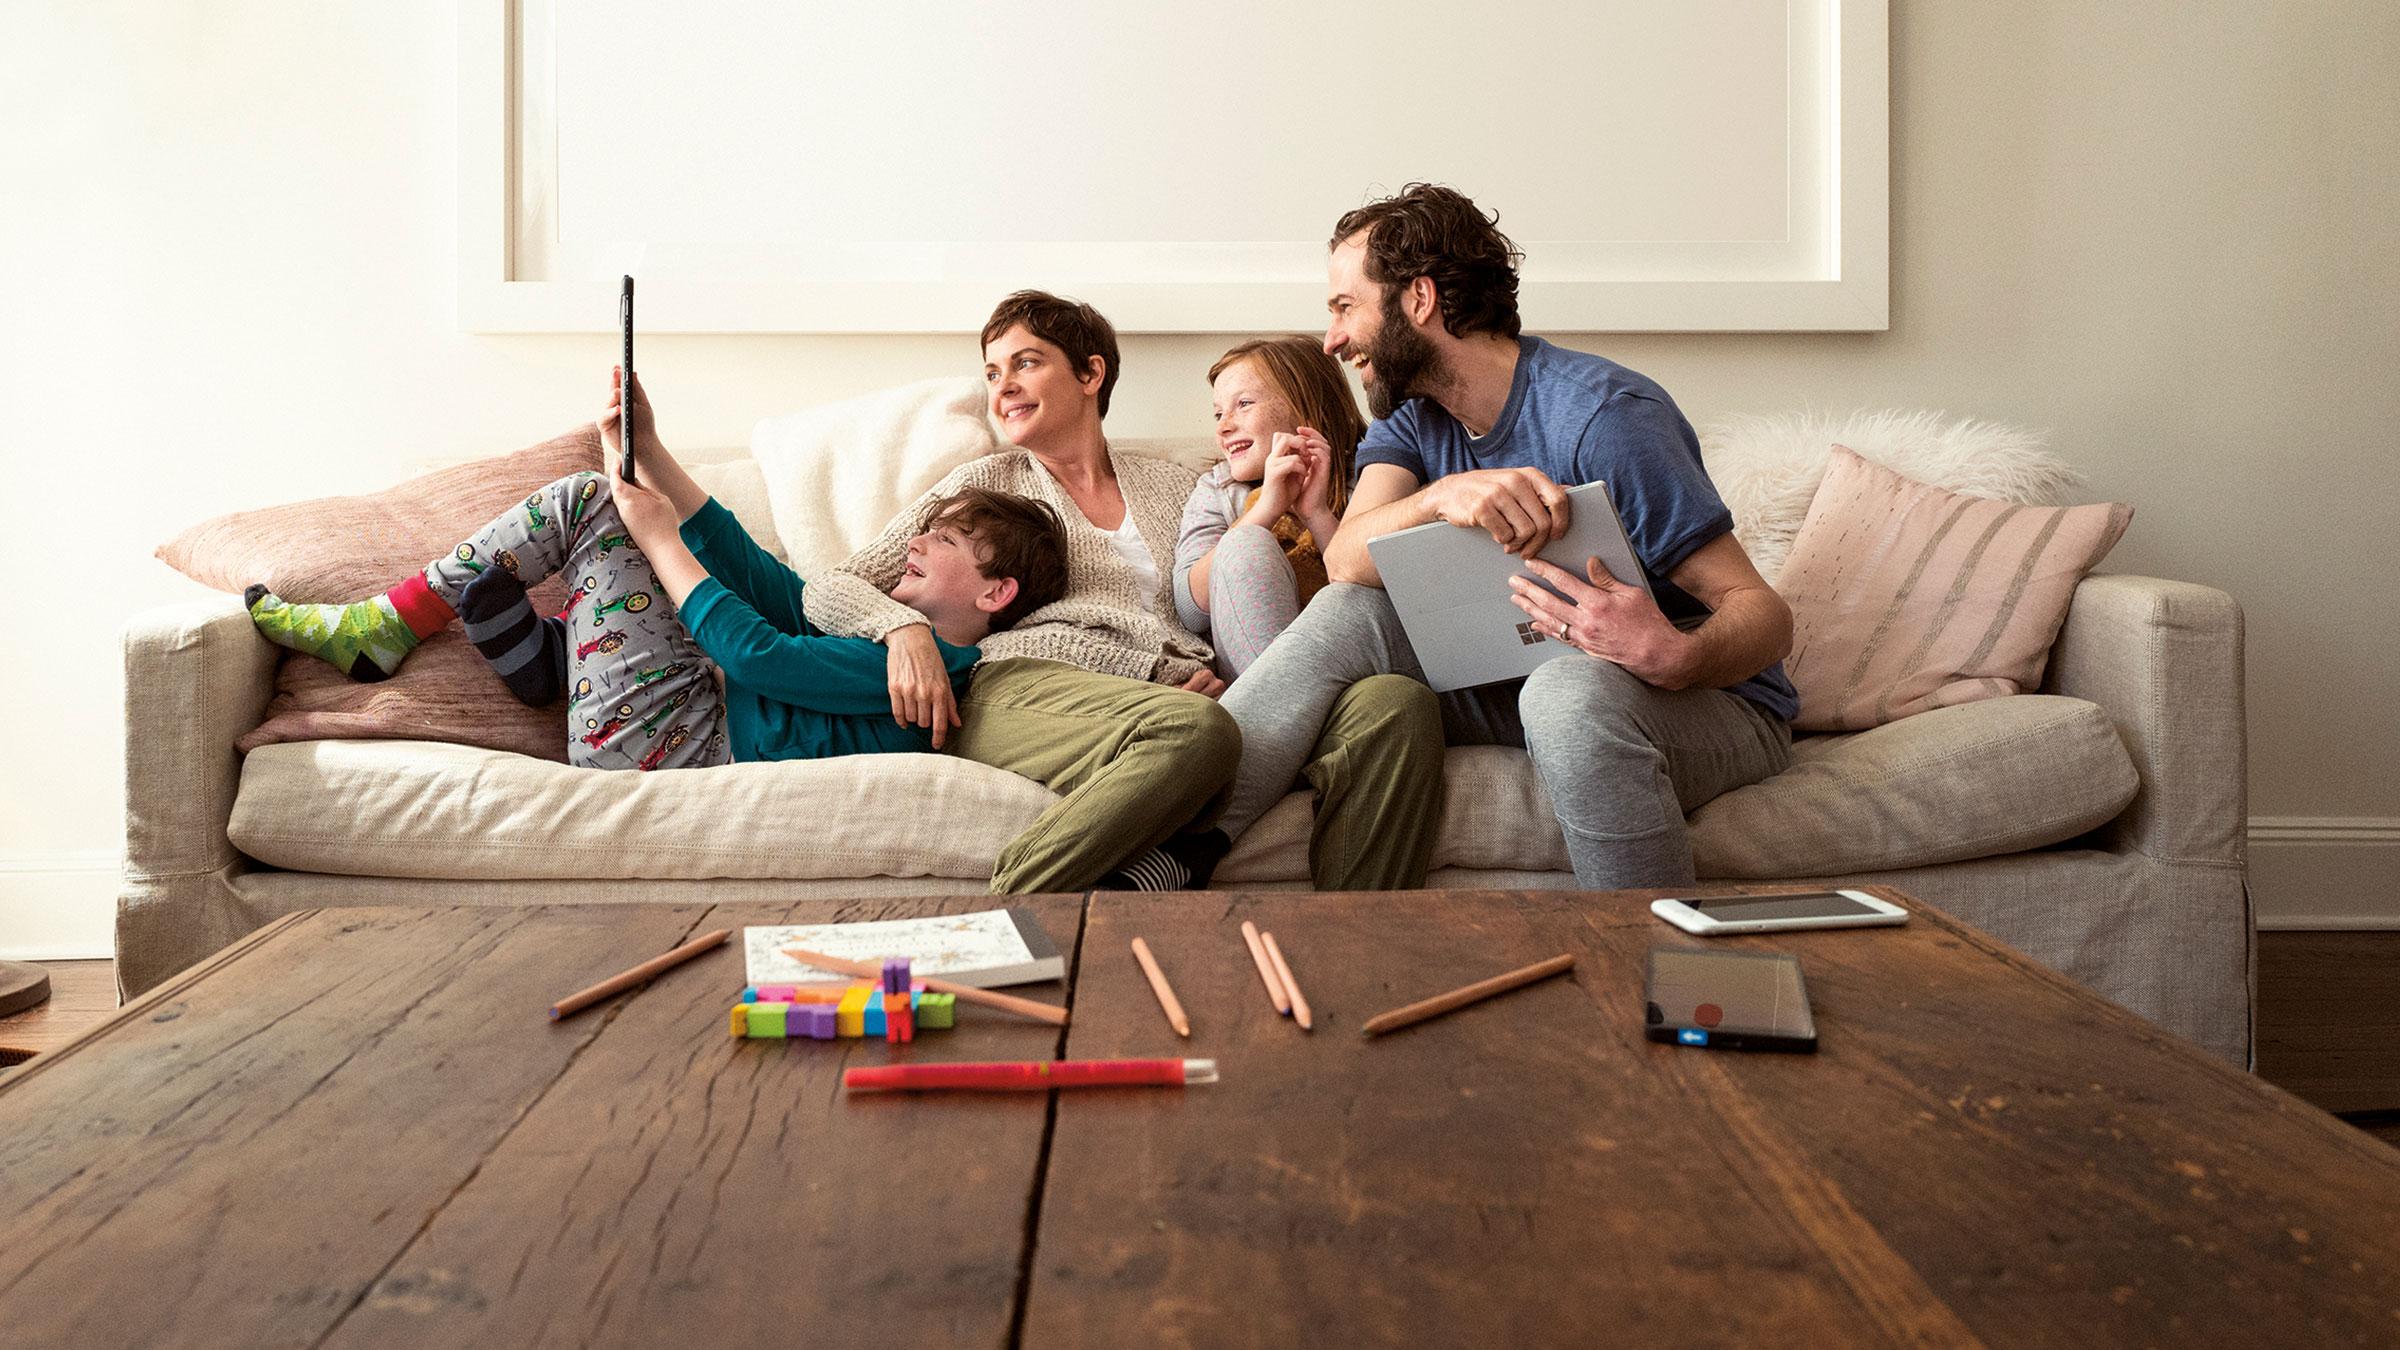 Ģimenes sēž uz dīvāna un skatās Microsoft Surface Pro ierīces ekrānā